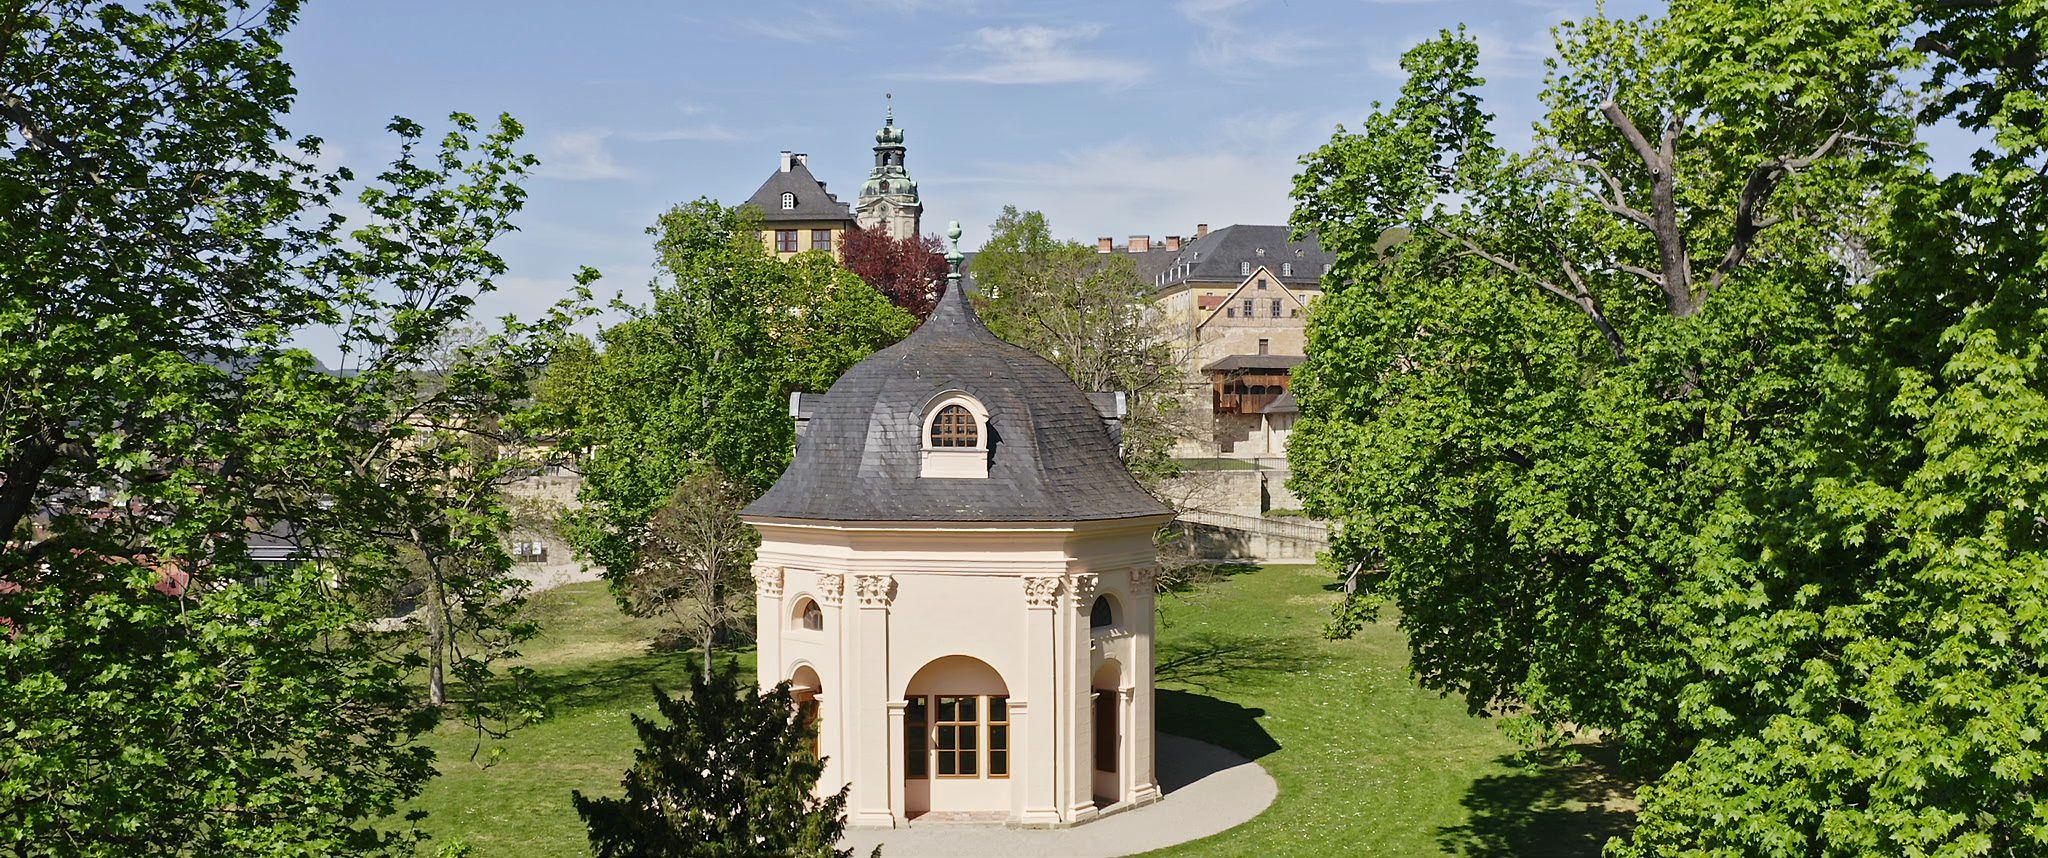 Schallhaus Rudolstadt